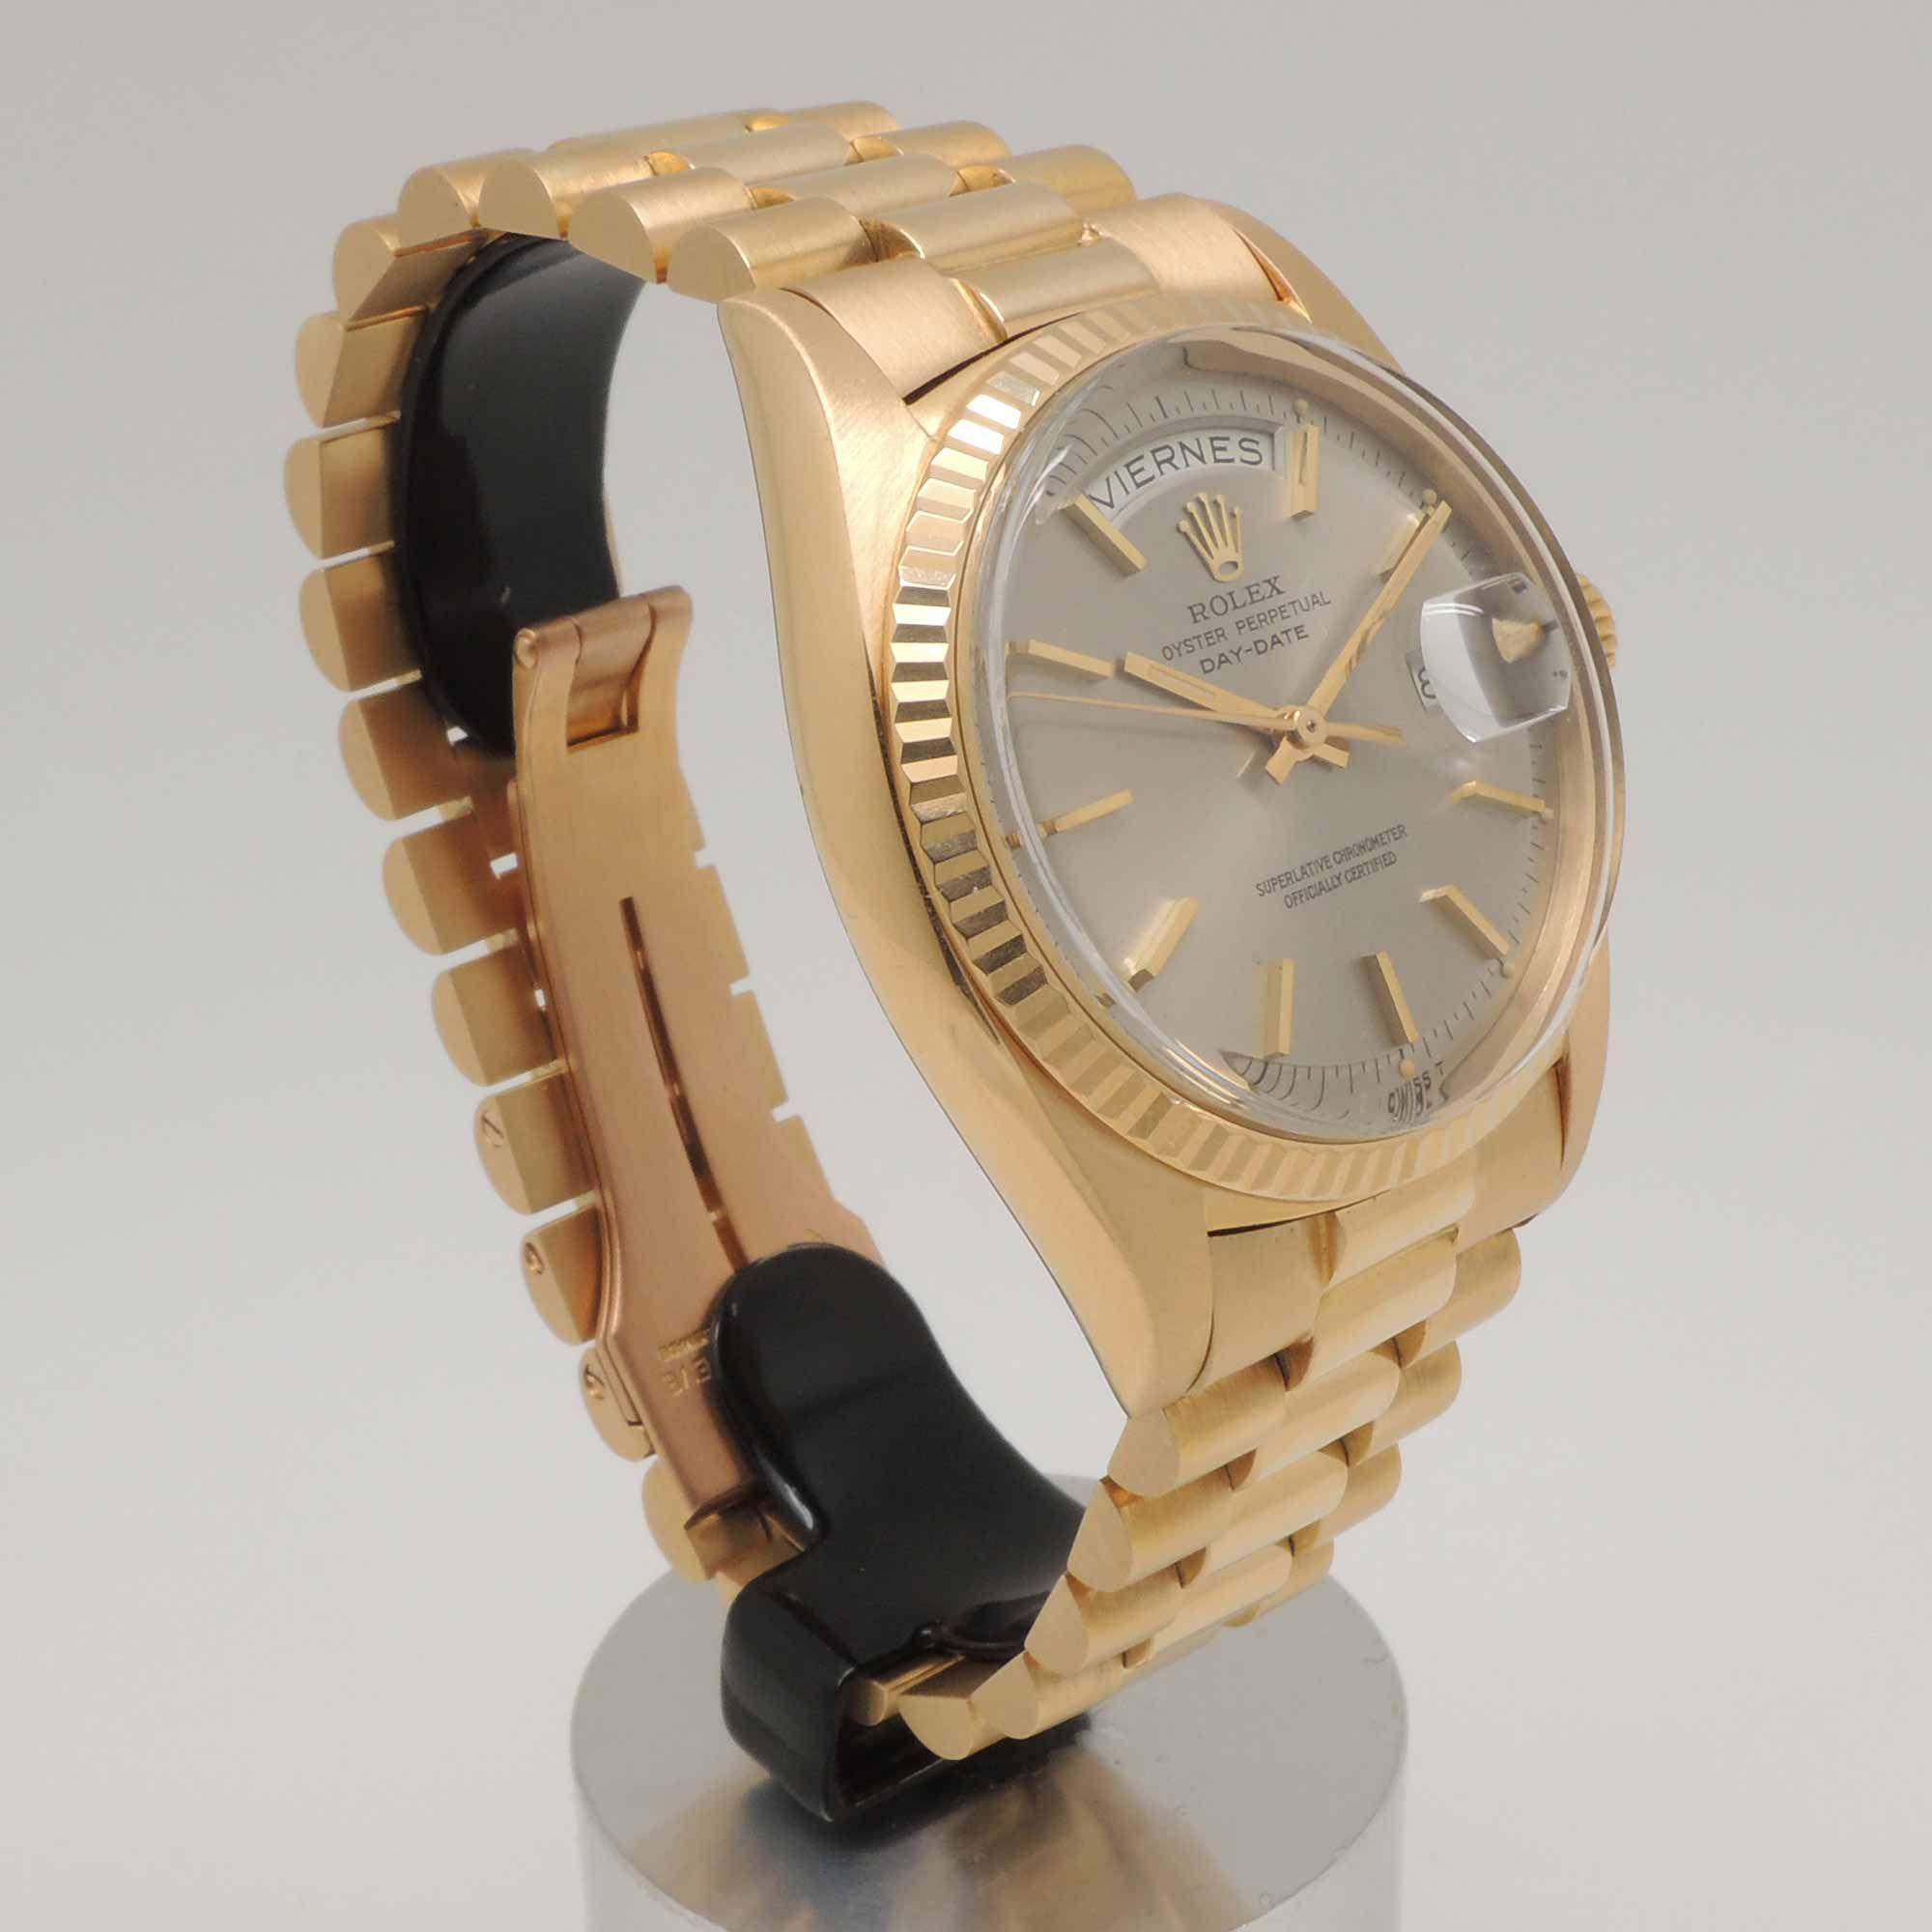 Rolex Day Date 1803 01750 Rolex Day Date Relojes Rolex Rolex